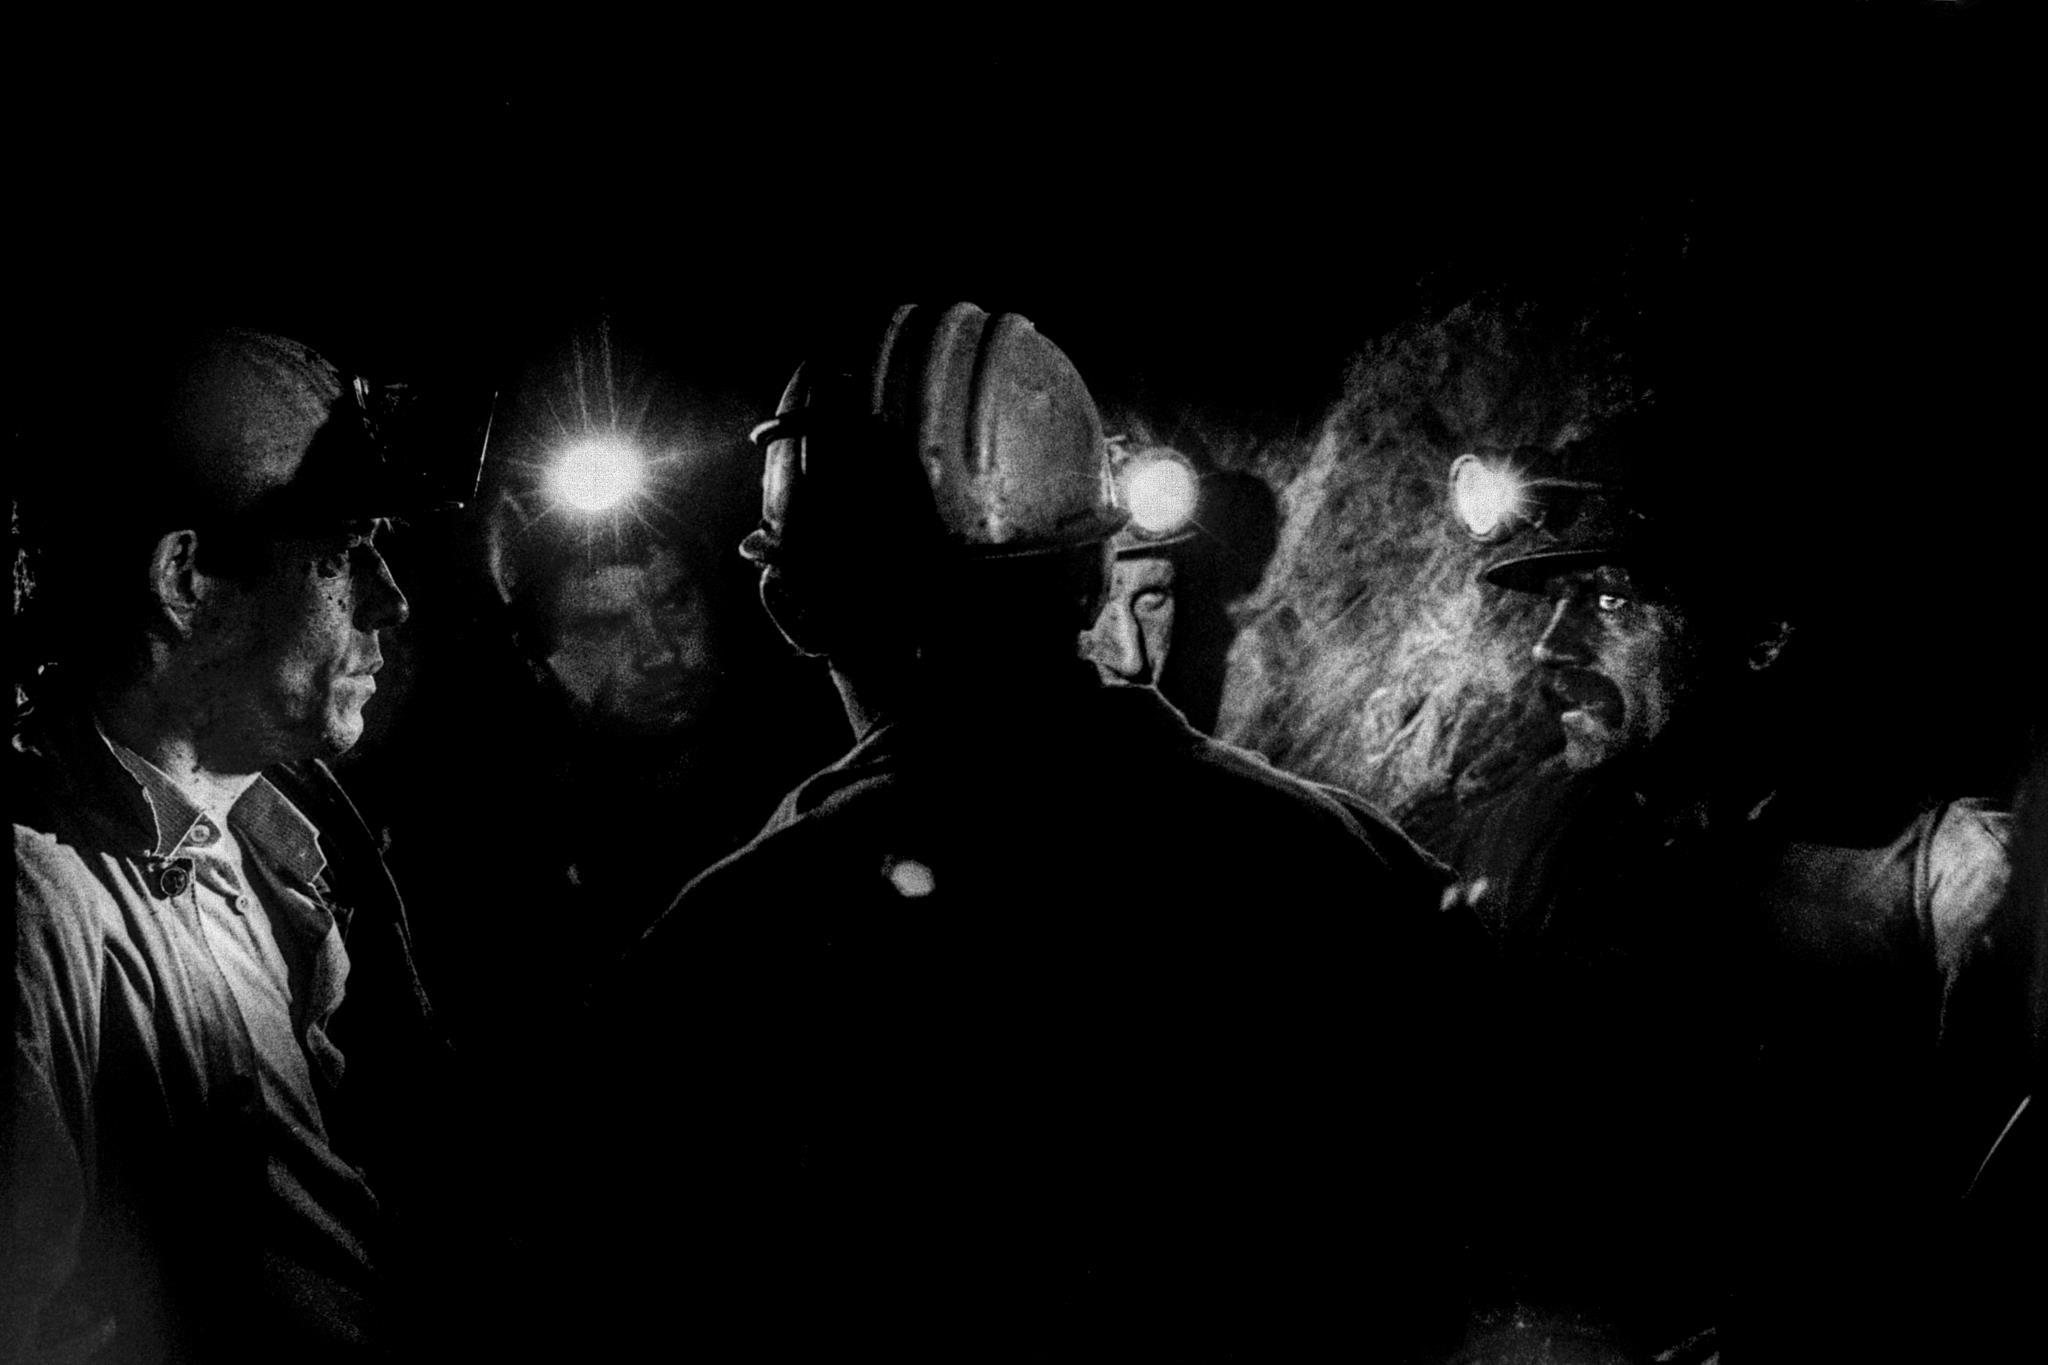 PÚBLICO - O livro negro dos mineiros do Pejão